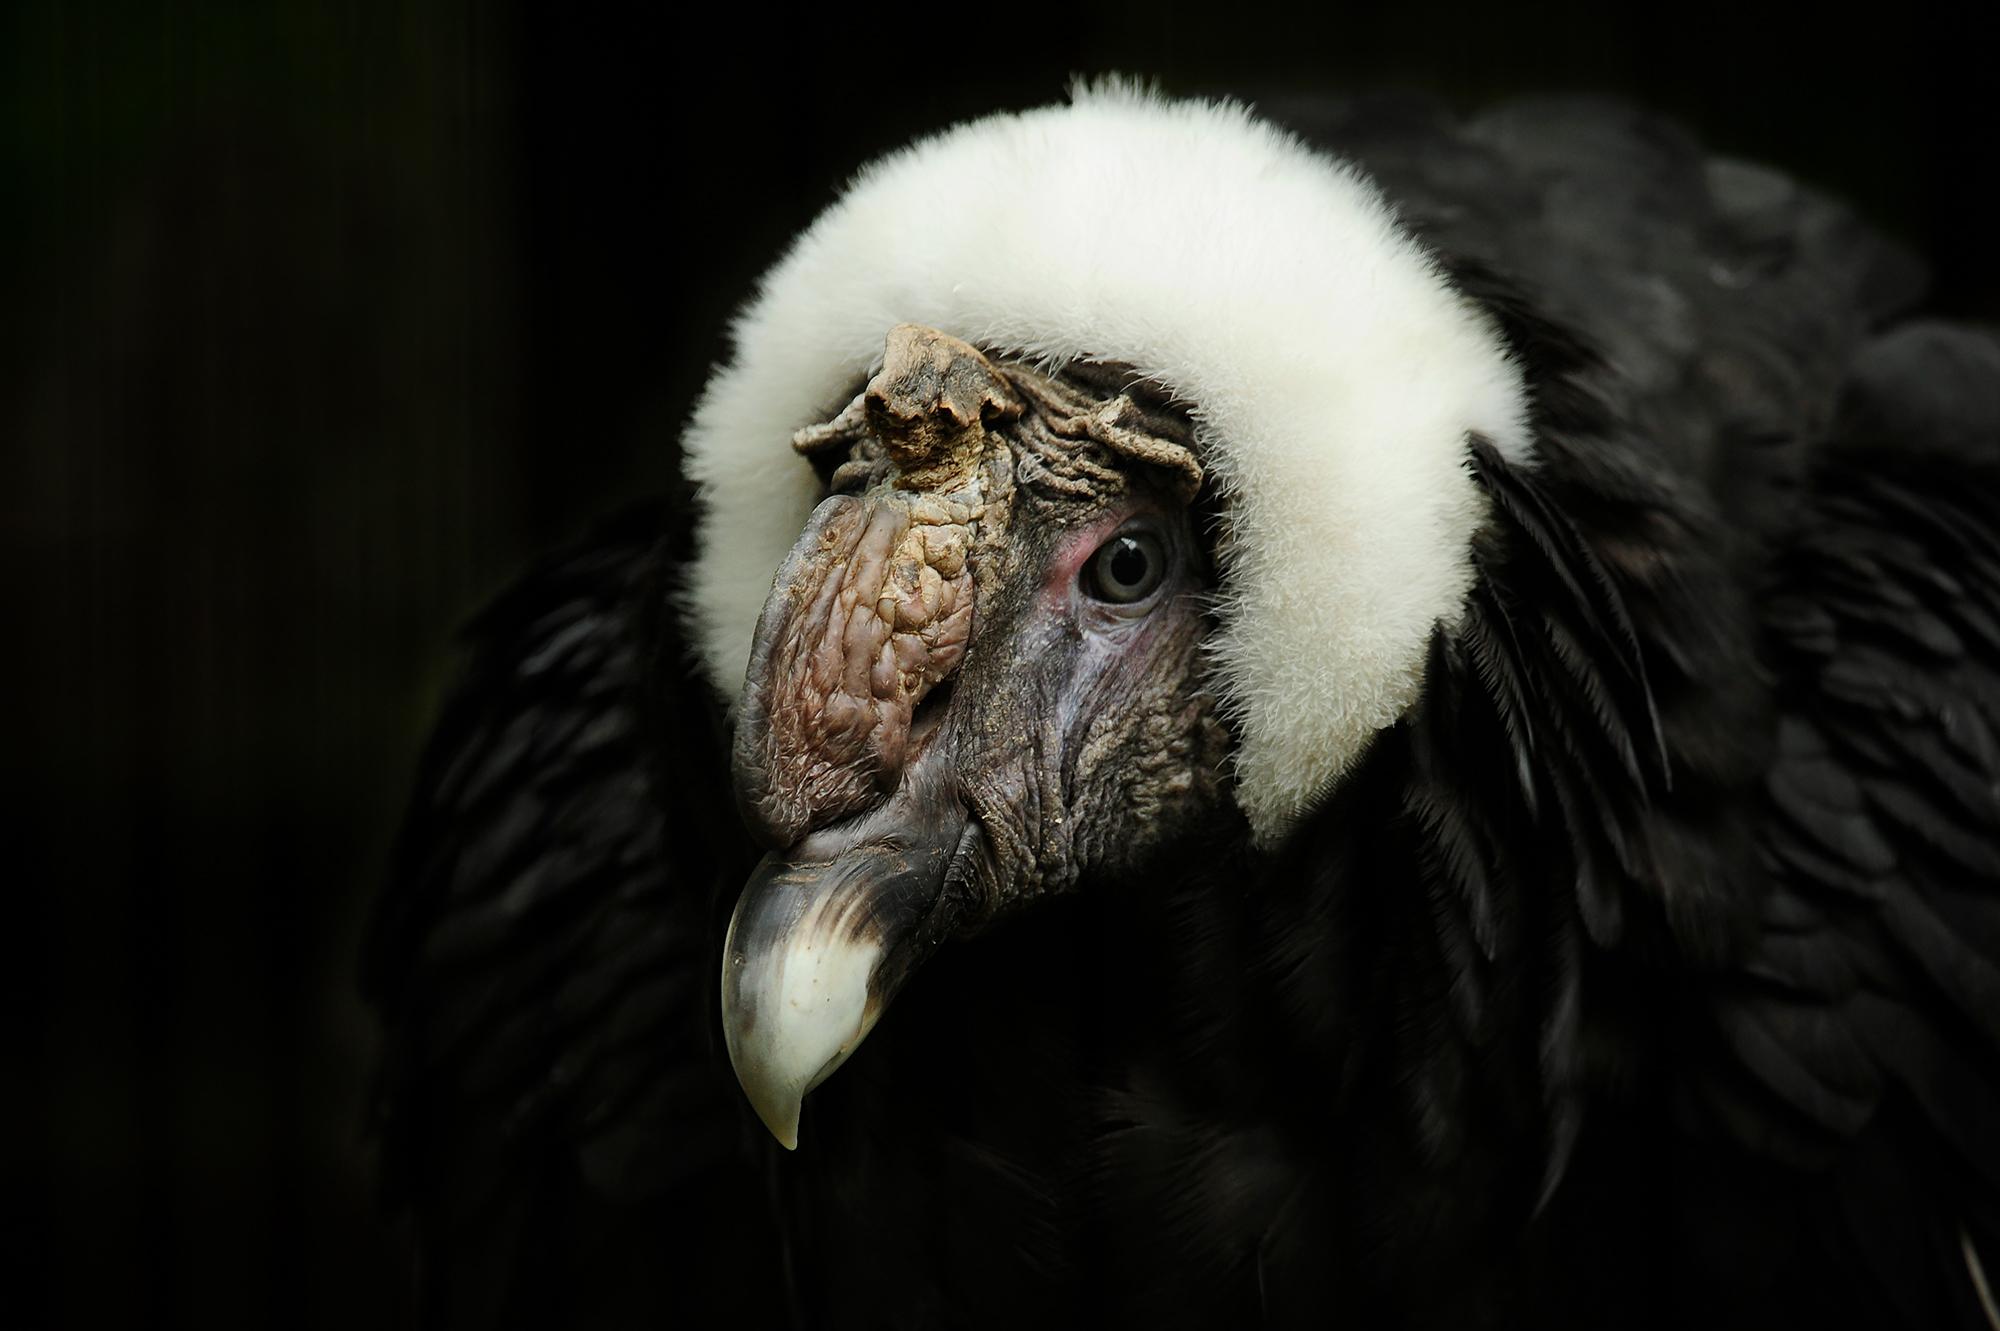 Condors: New World Vultures